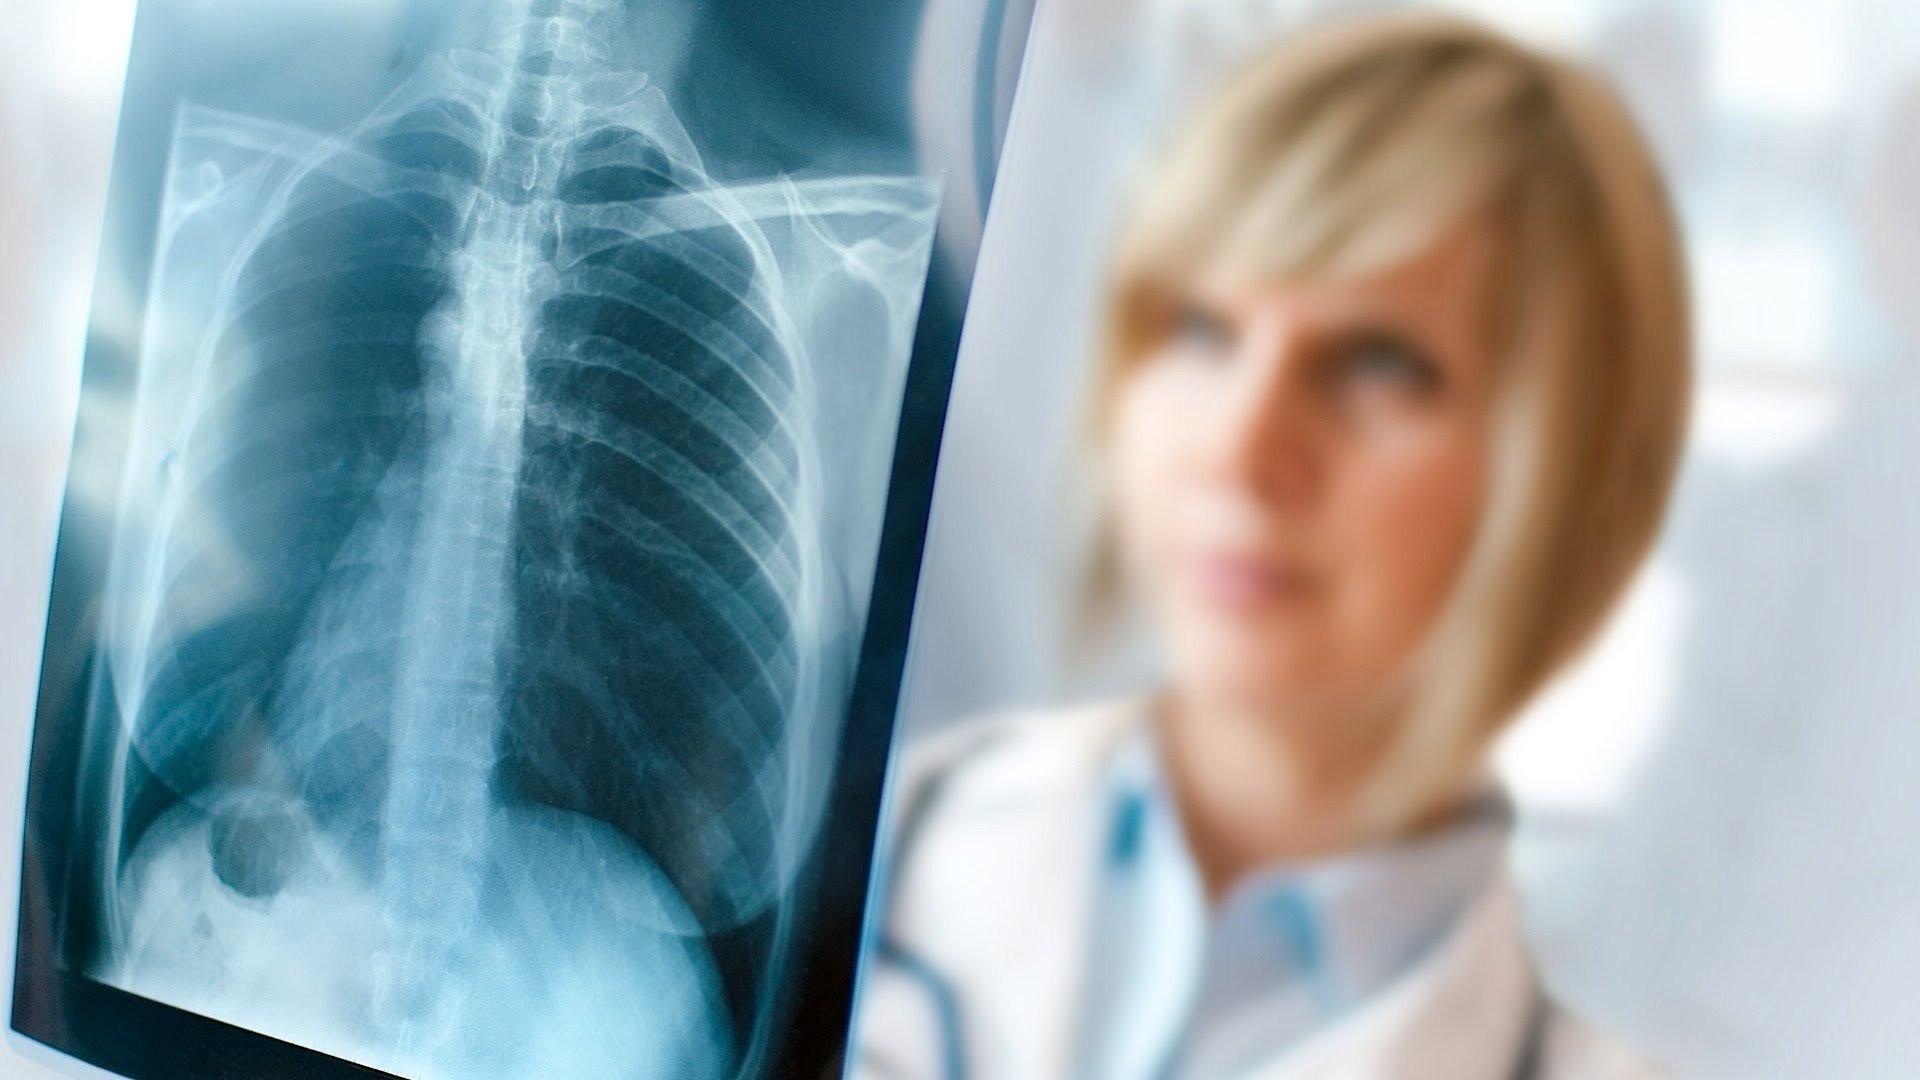 Украинцам обещают бесплатный рентген и УЗИ: кому позволят пройти диагностику без денег